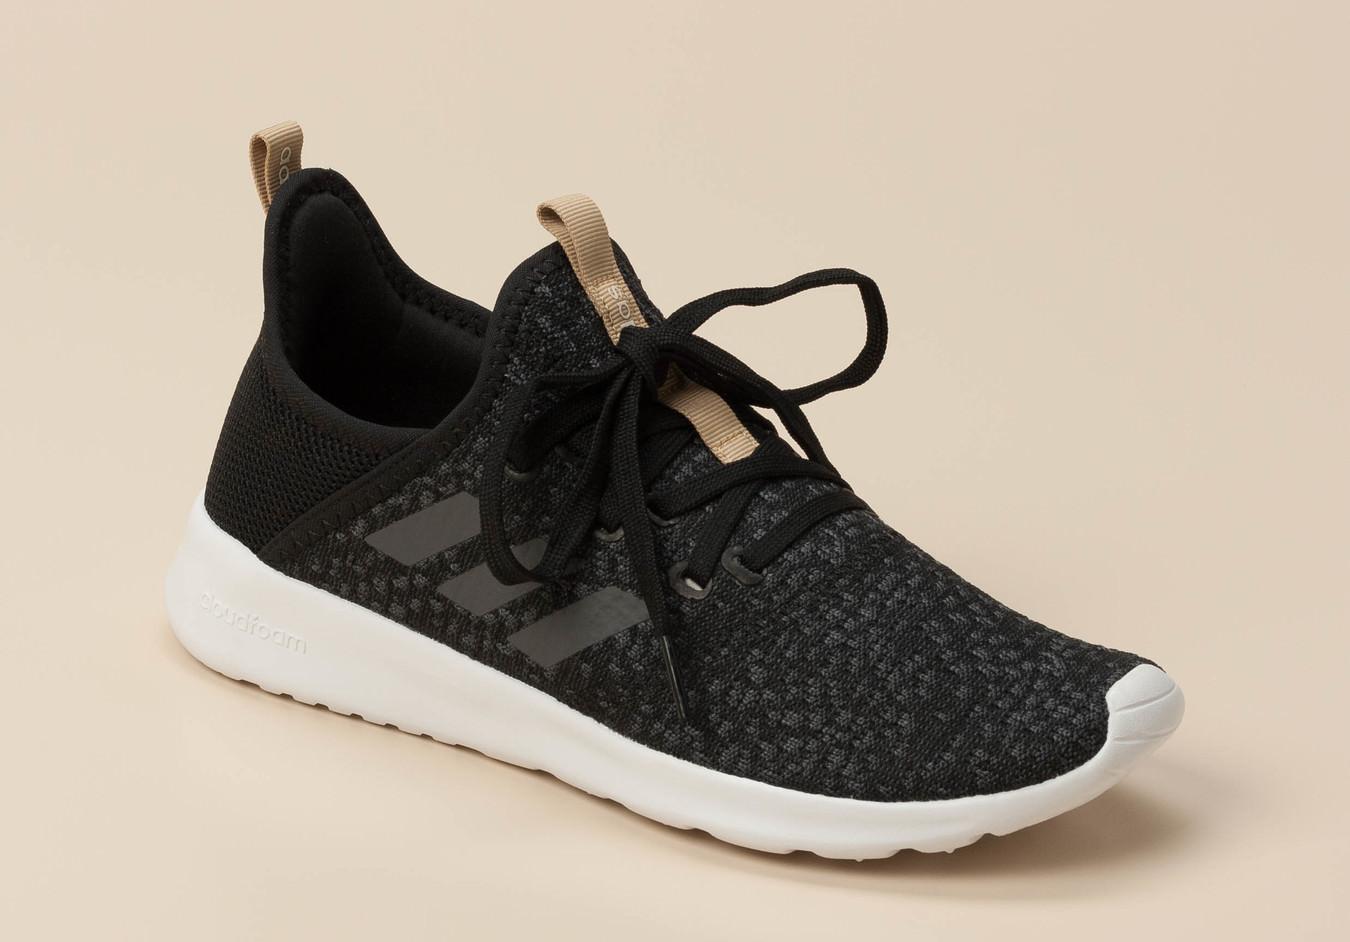 Adidas Damen Sneaker in schwarz/grau kaufen | Zumnorde Online-Shop